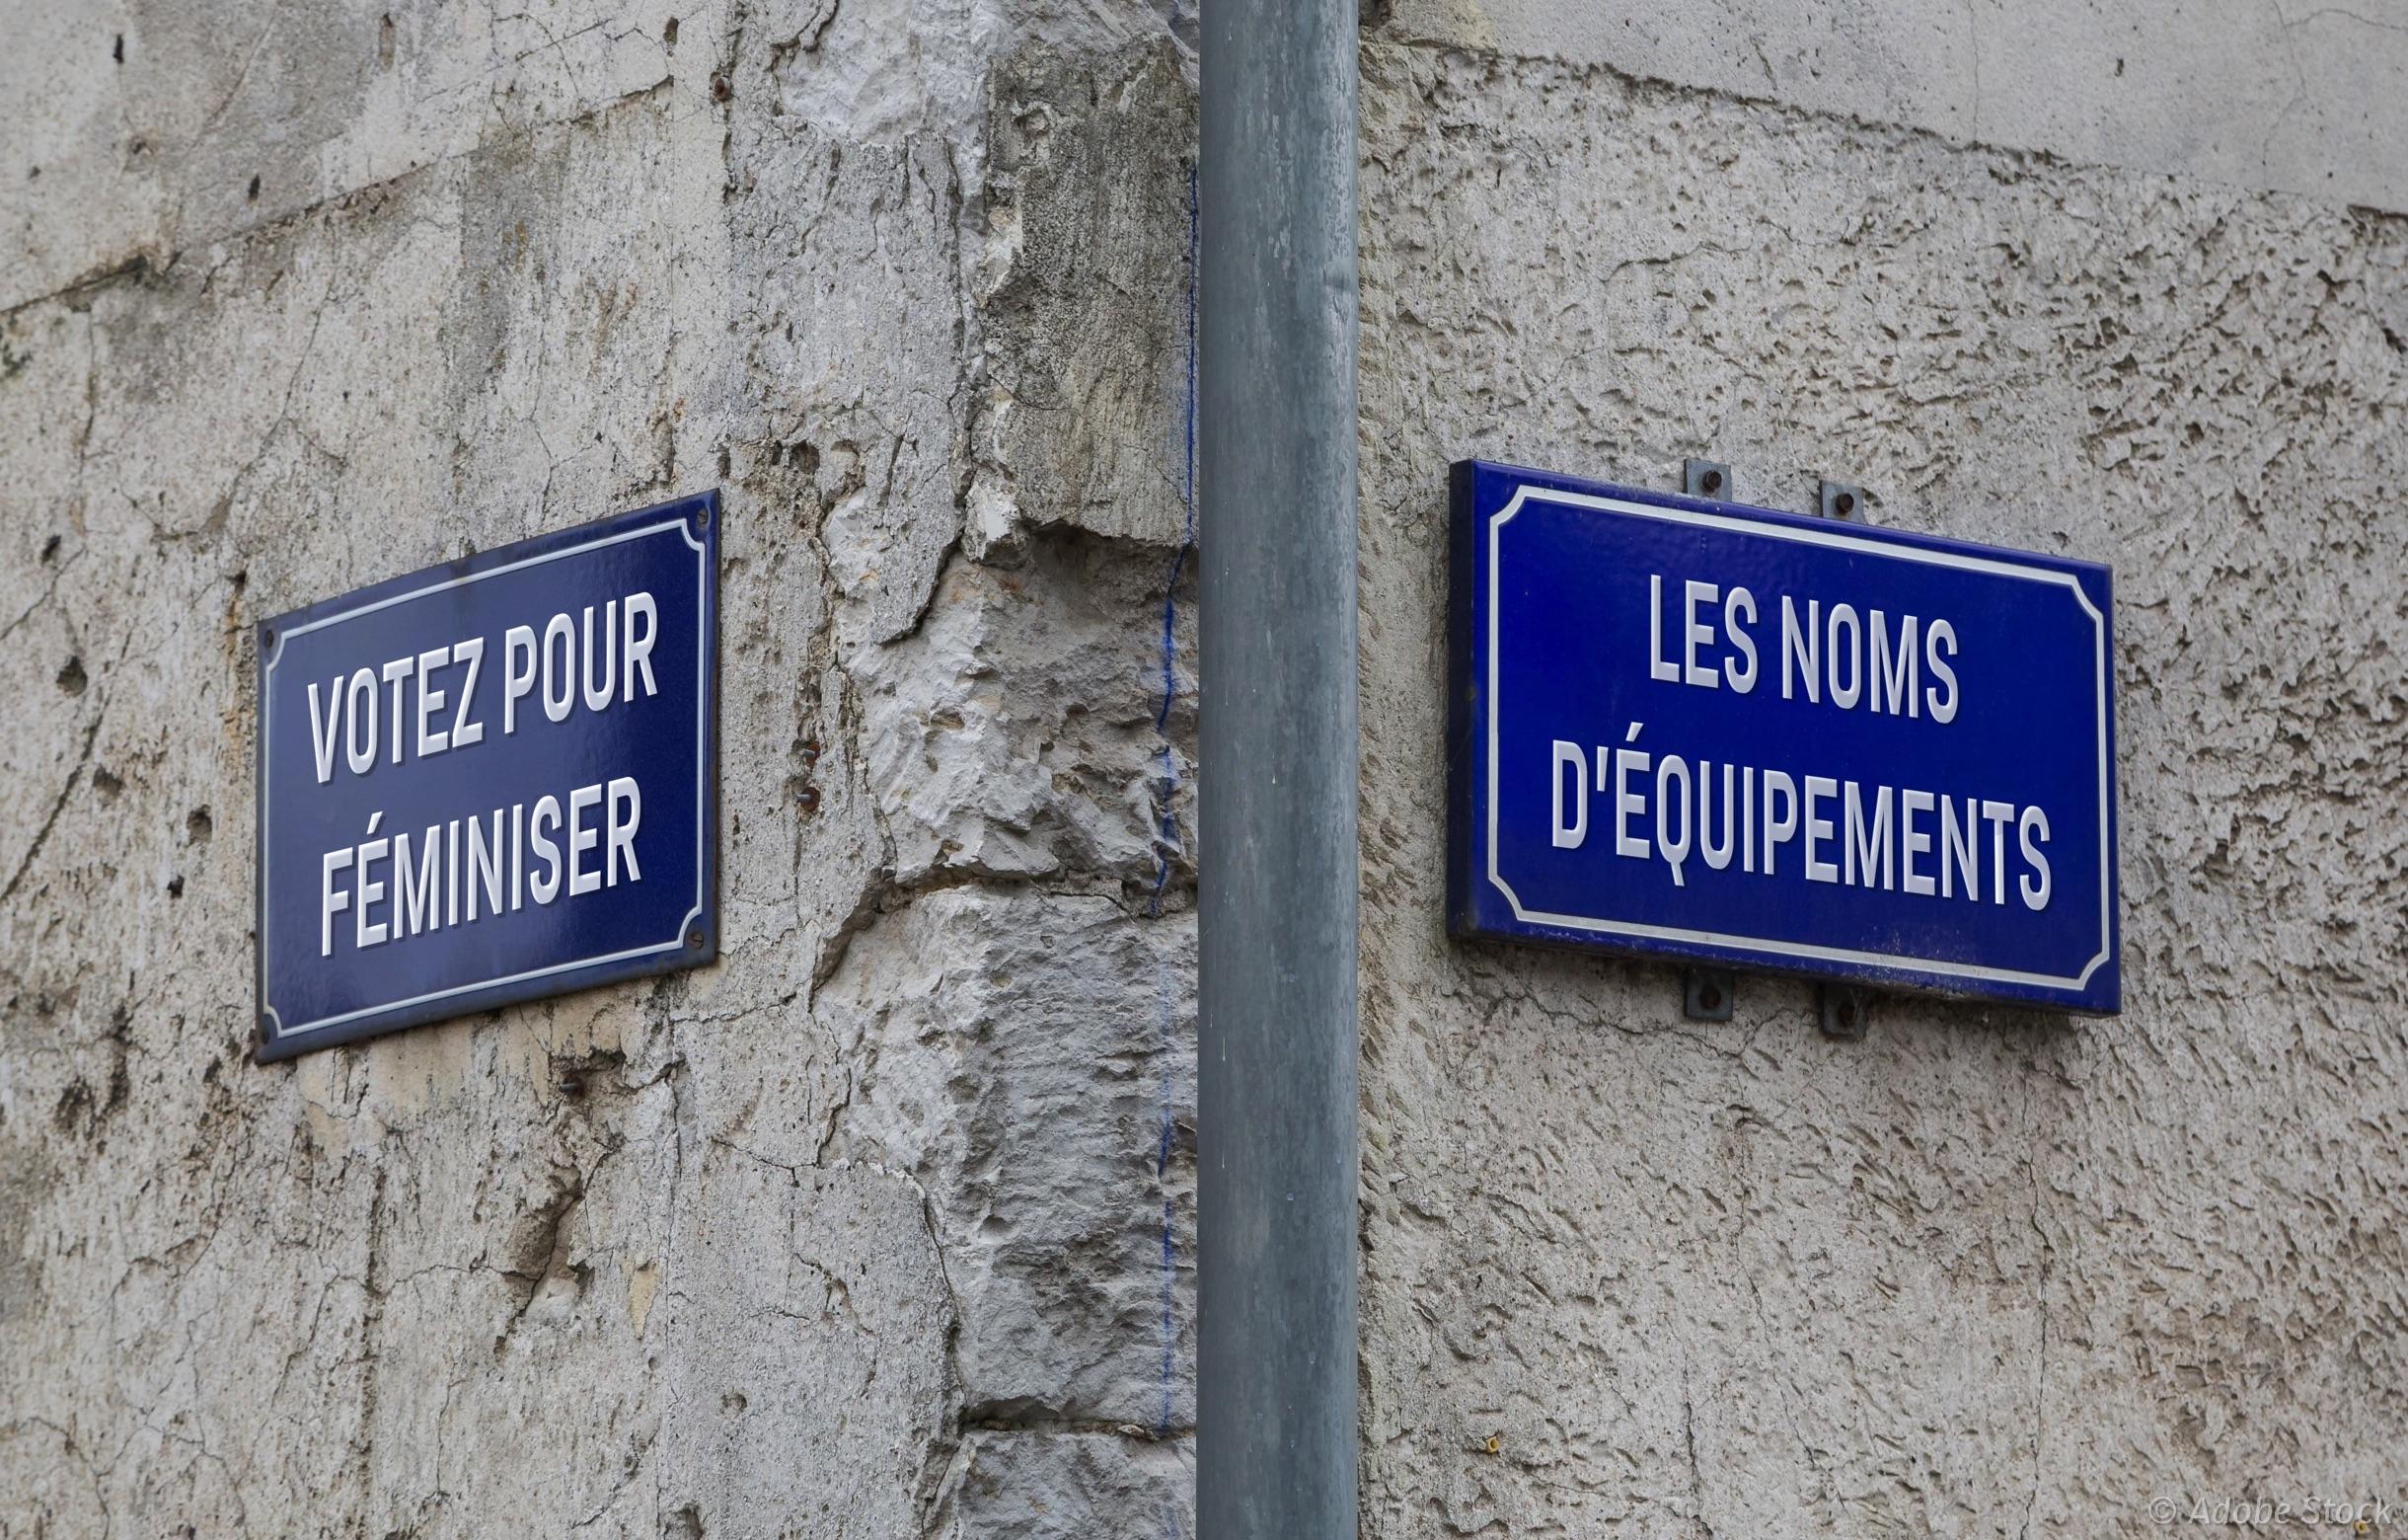 Panneaux de rues à un croisement, renommés «Votez pour féminiser» et «les noms d'équipements».